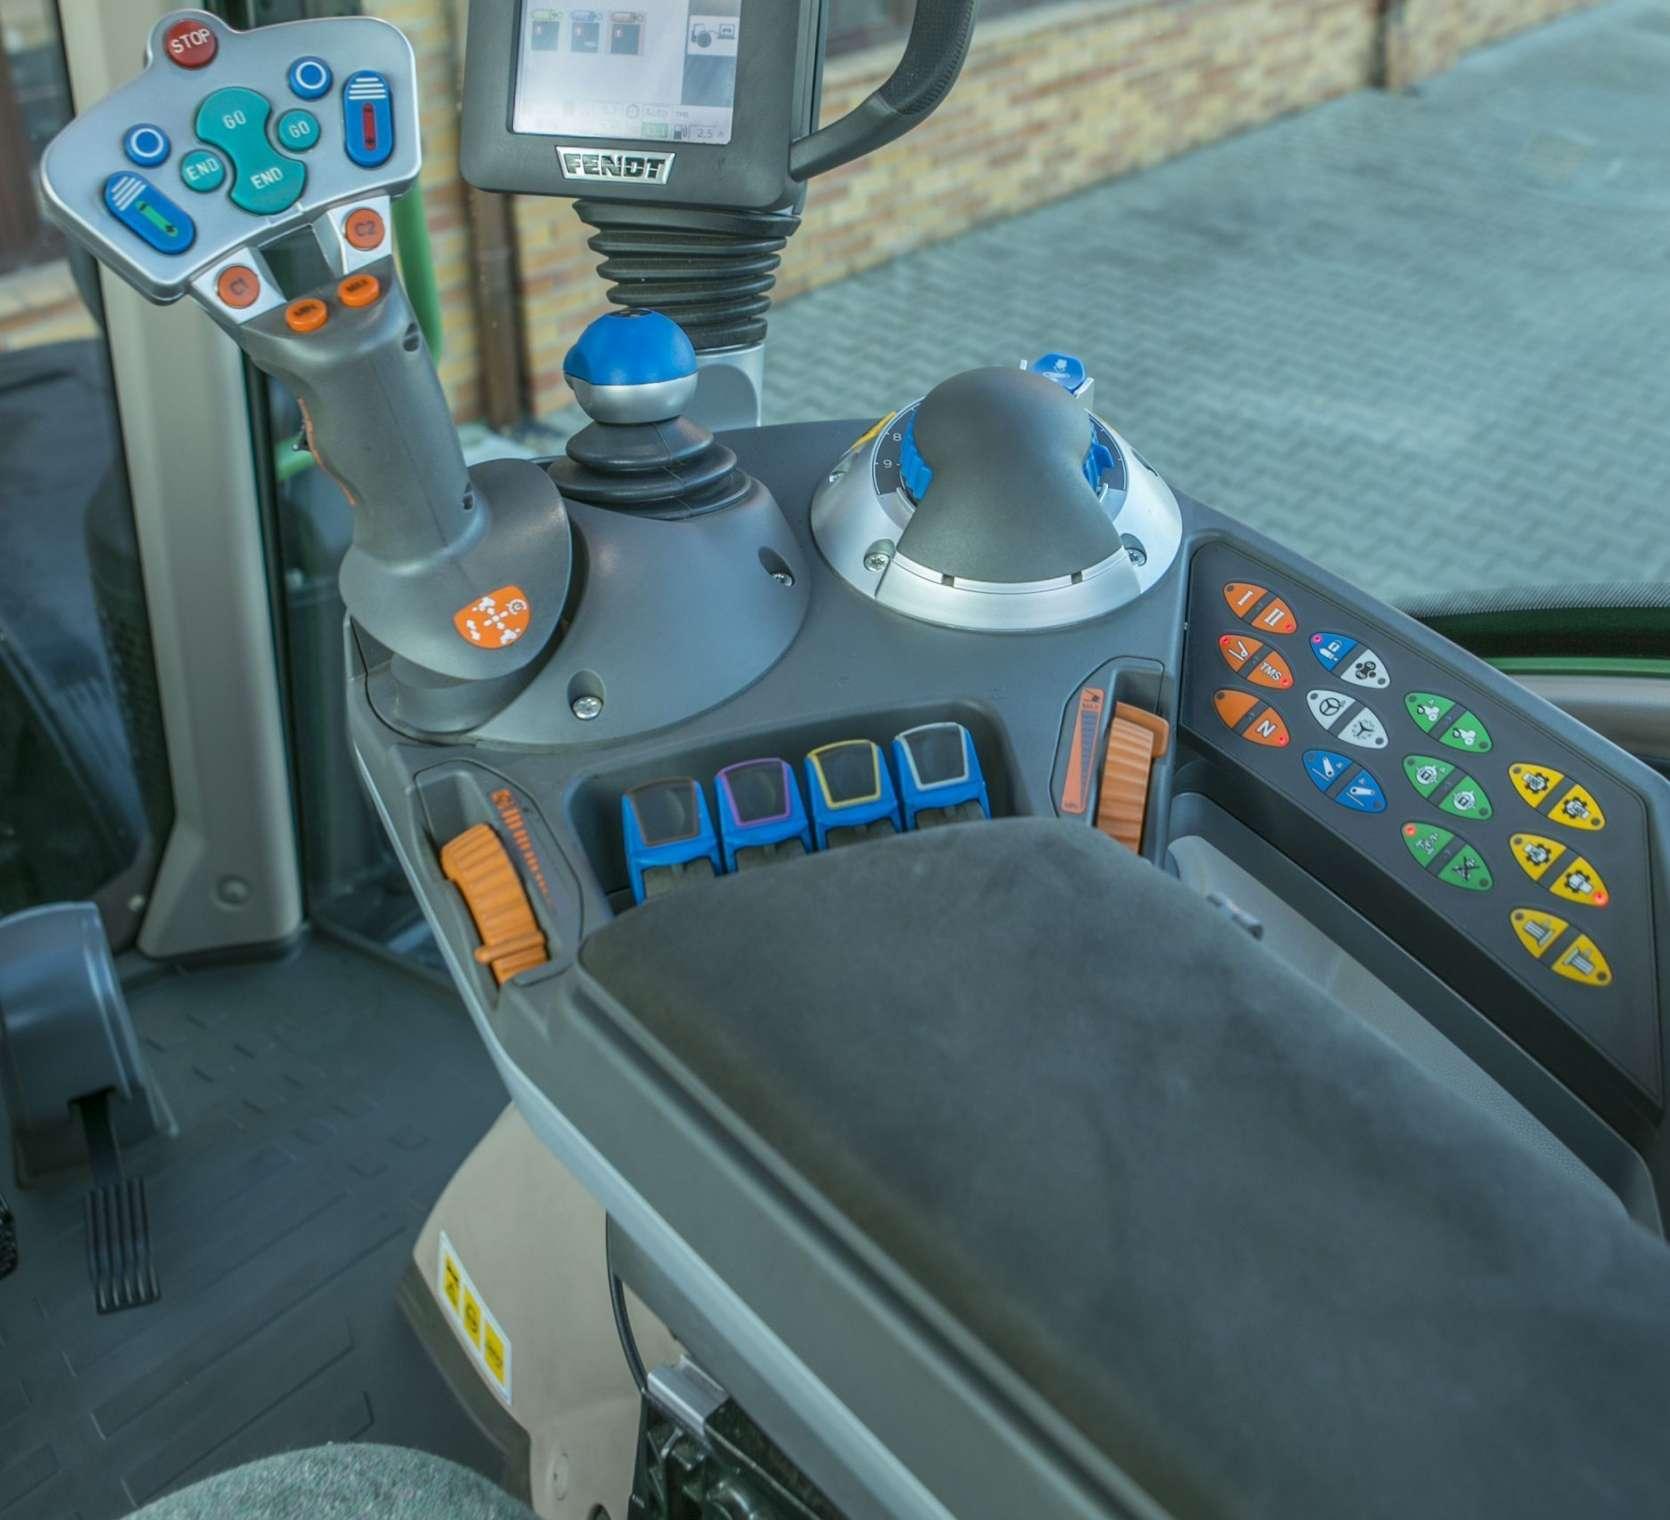 Podłokietnik z panelem sterującym w kabinie ciągnika Fendt 514 SCR